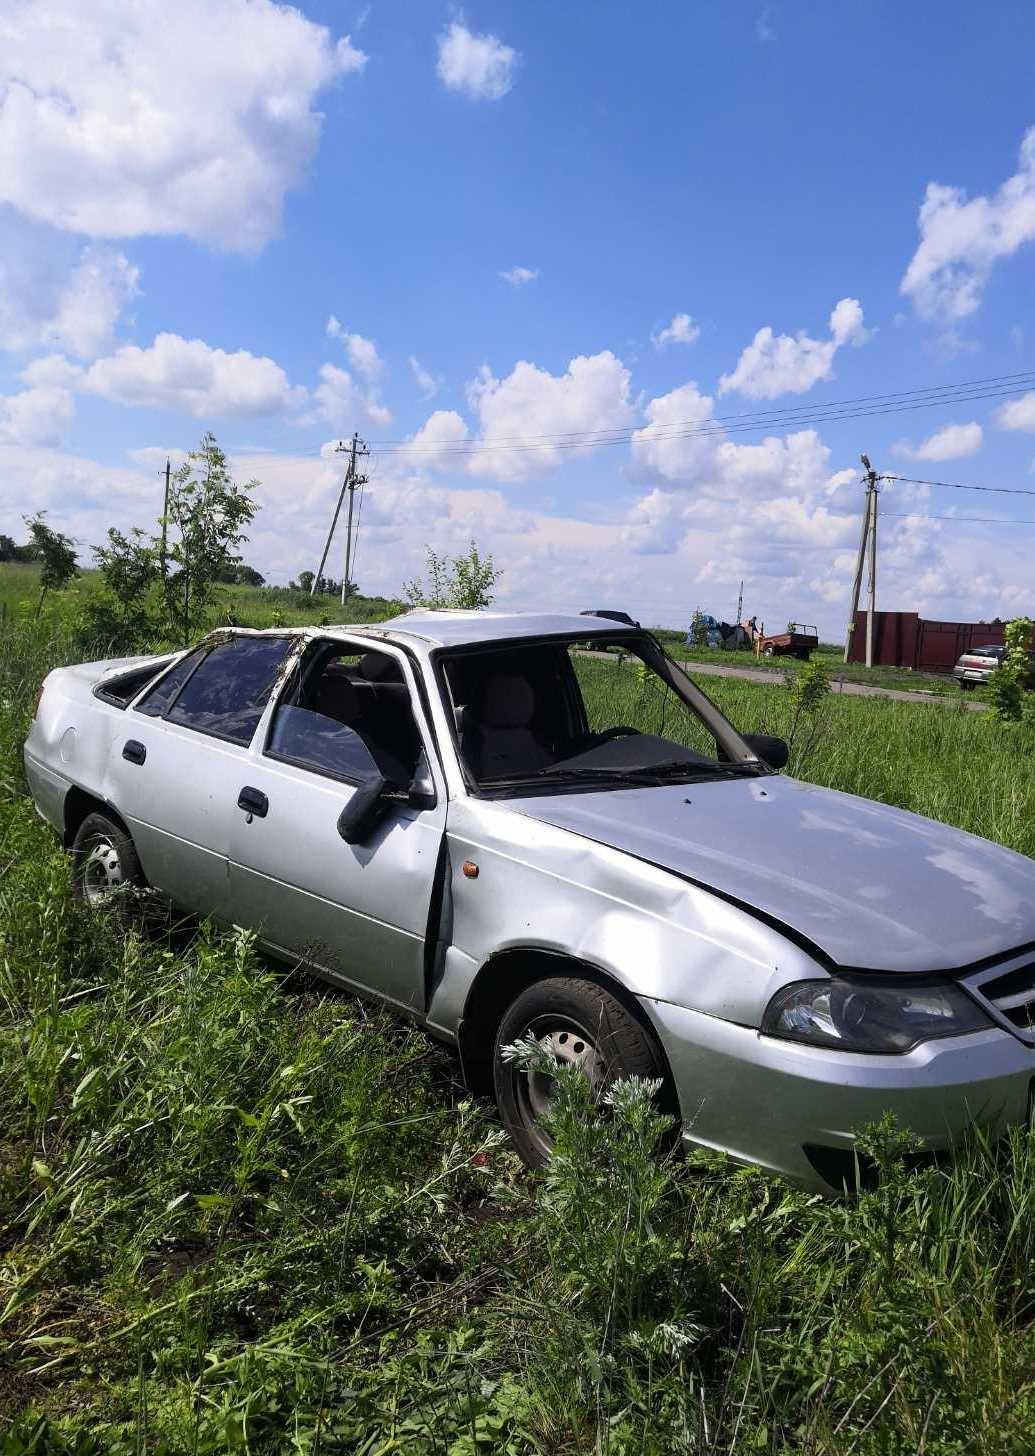 Спасатели МЧС России приняли участие в ликвидации ДТП в поселке Майский Белгородского района